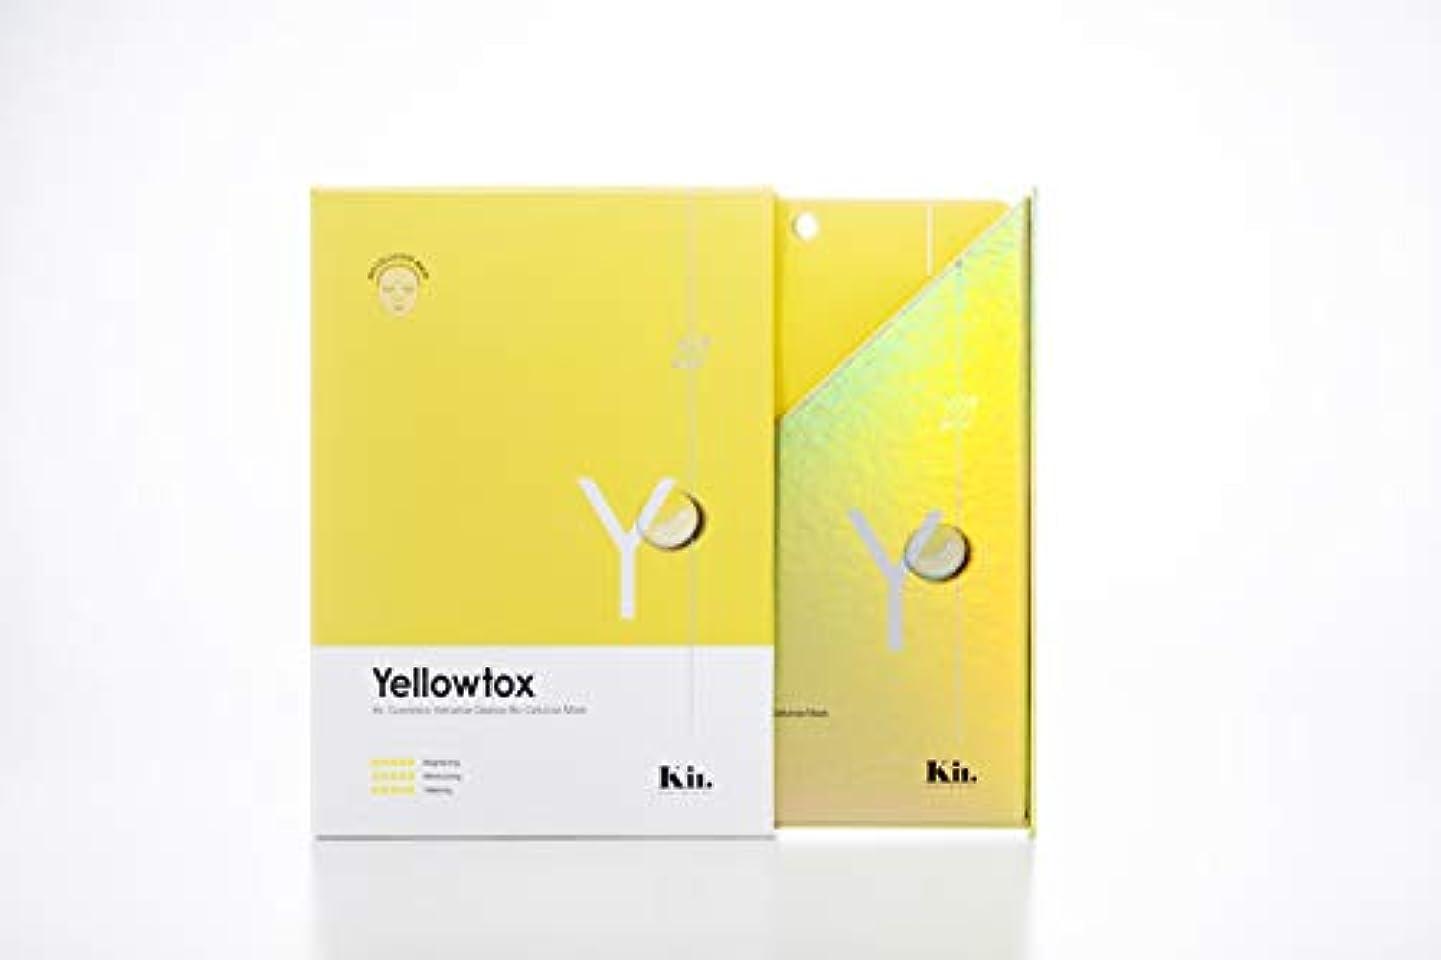 鷲オアシス差し迫った[KiI キー]クレンズトックスマスクパック10枚入り (YellowTox)